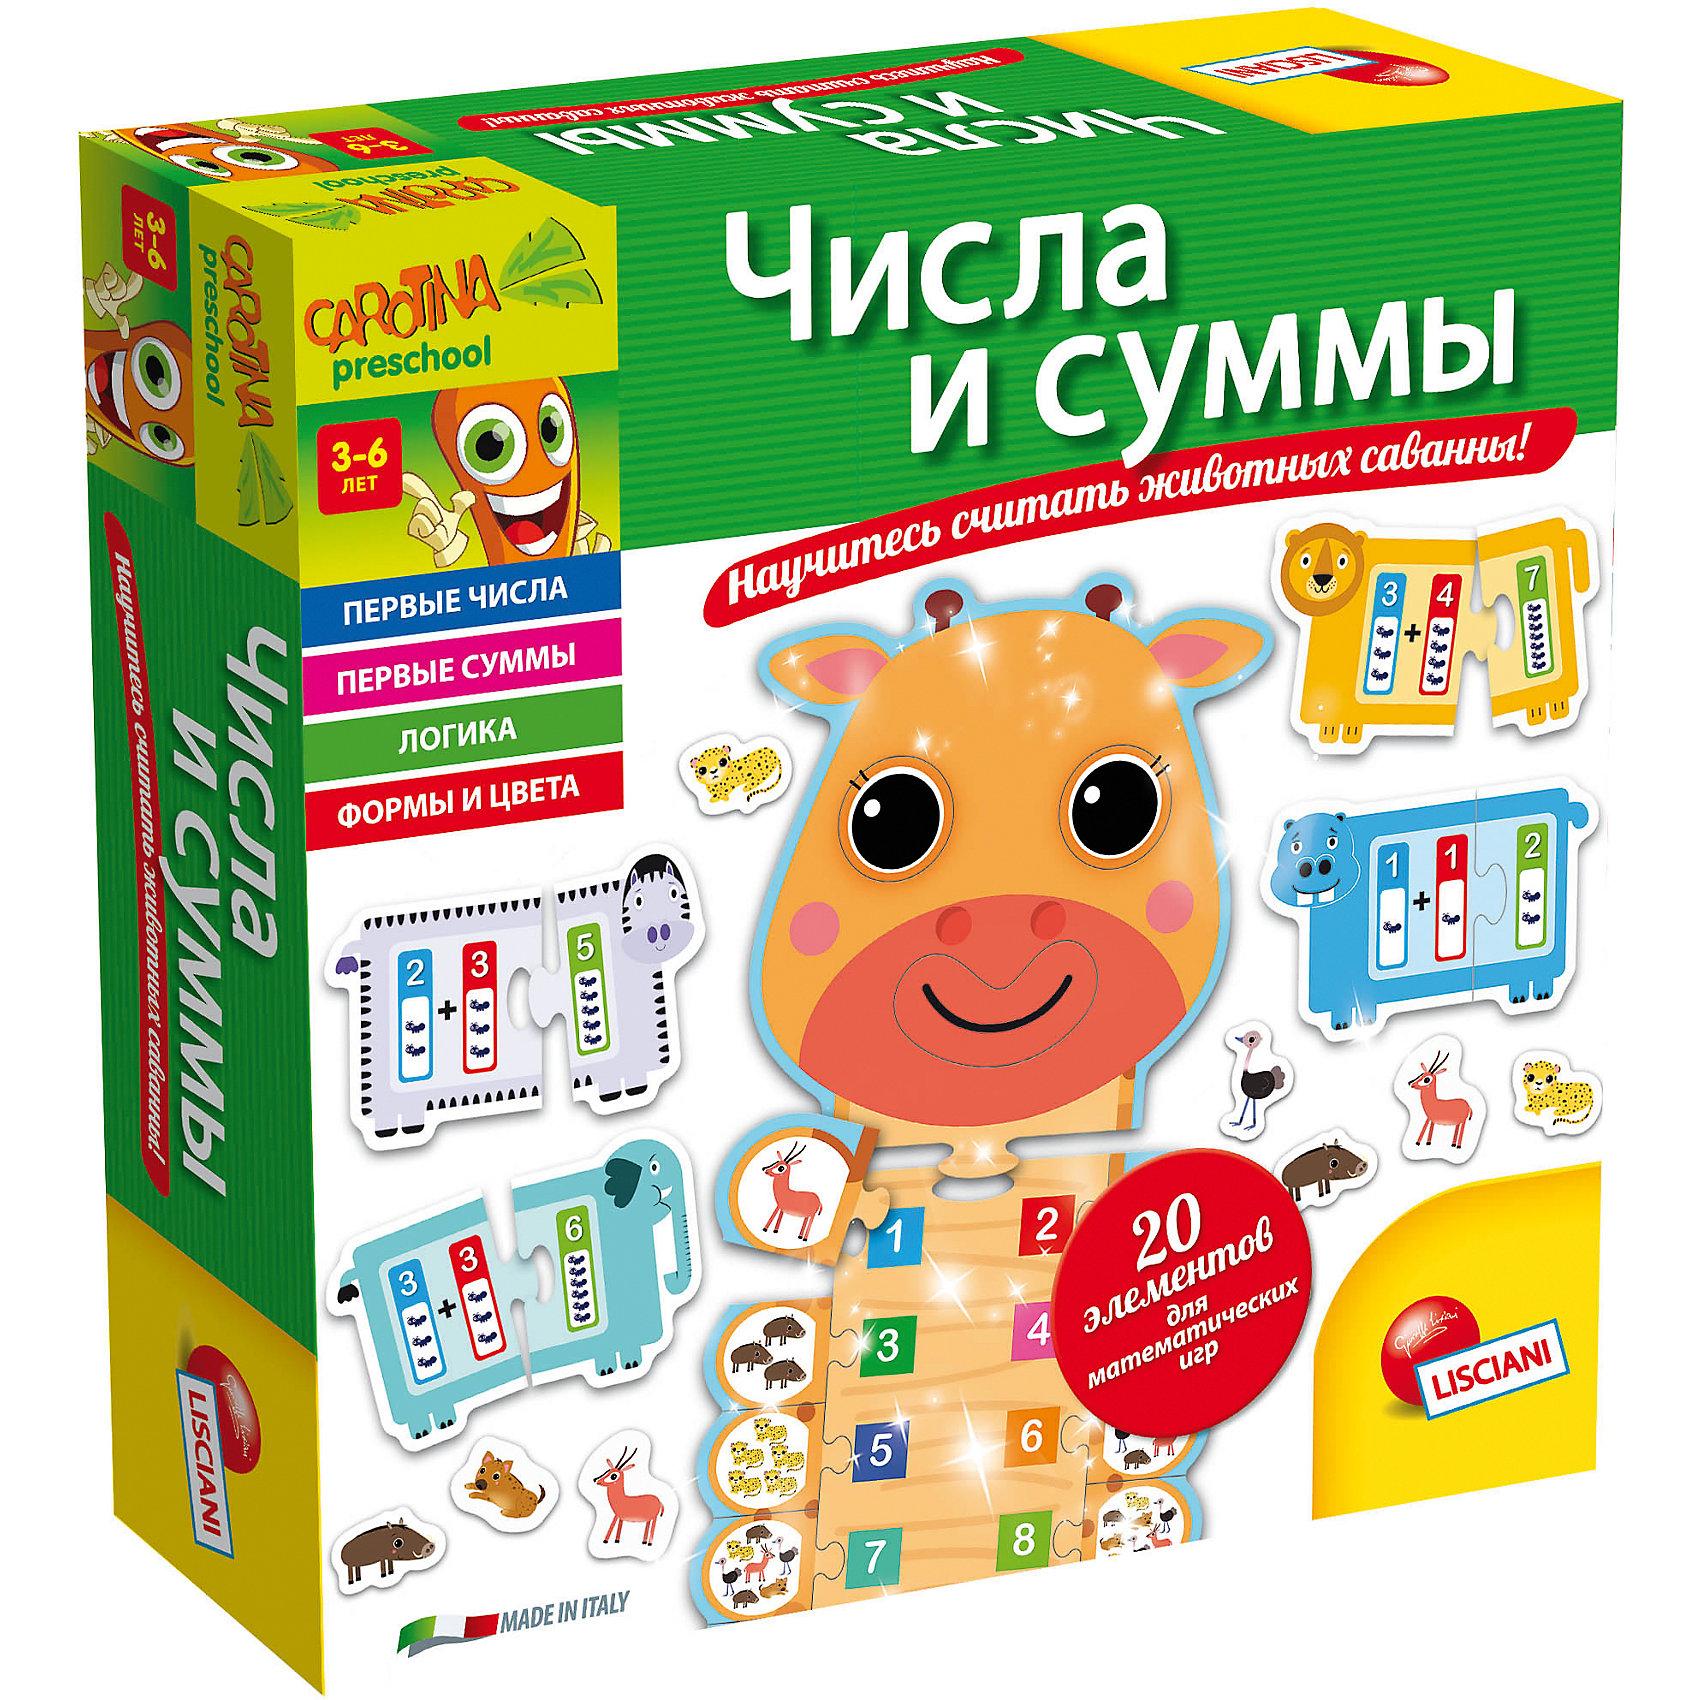 Обучающая игра Числа и суммы, LiscianiПособия для обучения счёту<br>Обучающая игра Числа и суммы, Lisciani<br><br>Характеристики:<br><br>• В набор входит: 39 деталей, инструкция<br>• Размер упаковки: 25,5х6х25,5 см.<br>• Состав: картон, пластик<br>• Вес: 680 г.<br>• Для детей в возрасте: от 3 лет<br>• Страна производитель: Италия<br><br>Серия пазлов поможет увеличить словарный запас и выучить названия животных. Двадцать отдельных фигурок животных помогут научить малыша считать по-одному и понимать значение счёта. <br><br>Большоый пазл-жираф из трёх основных частей содержит цифры от 1 до 10, к которым нужно присоединять детали с соответствующим количеством животных. Шесть животных саванны научат ребёнка складывать цифры. С таким набором ребёнку будут по плечу все необходимые начальные математические навыки.<br><br>Обучающую игру Числа и суммы, Lisciani можно купить в нашем интернет-магазине.<br><br>Ширина мм: 254<br>Глубина мм: 254<br>Высота мм: 60<br>Вес г: 682<br>Возраст от месяцев: 36<br>Возраст до месяцев: 2147483647<br>Пол: Унисекс<br>Возраст: Детский<br>SKU: 5522888